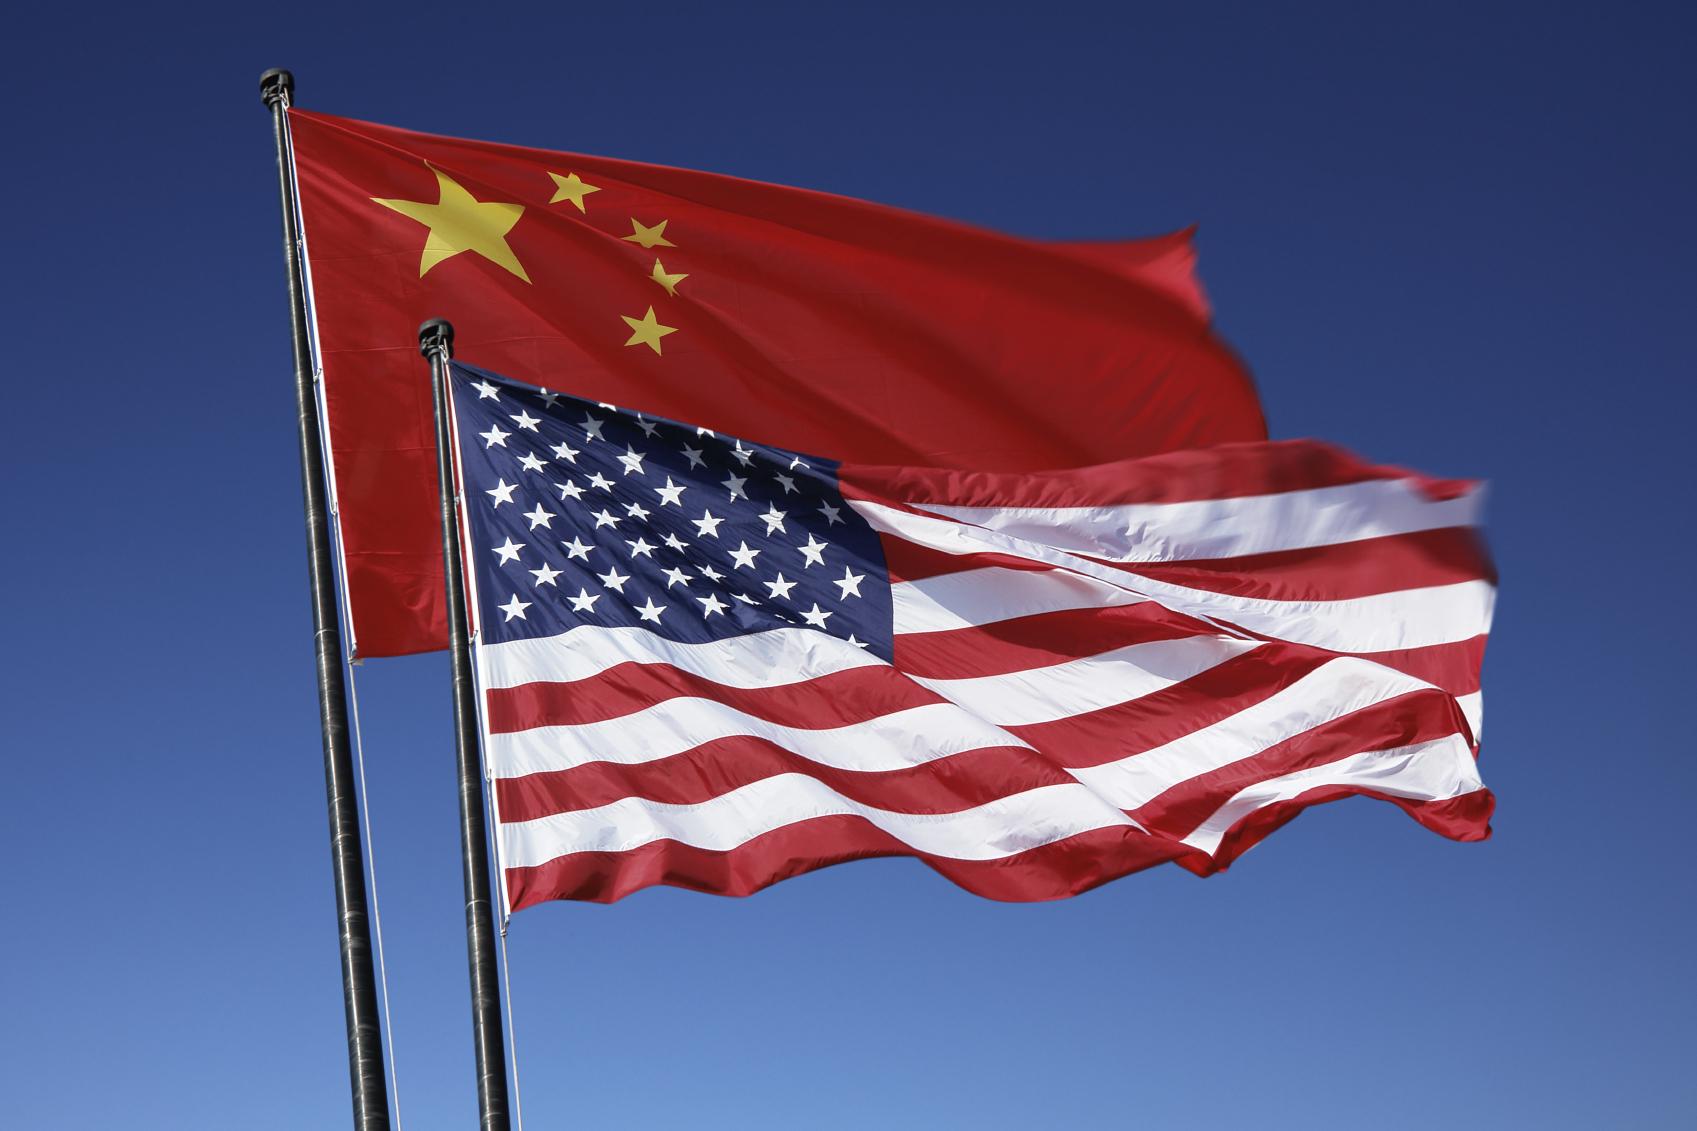 Çin denizi ısınıyor: ABD denizaltısına el koyuldu